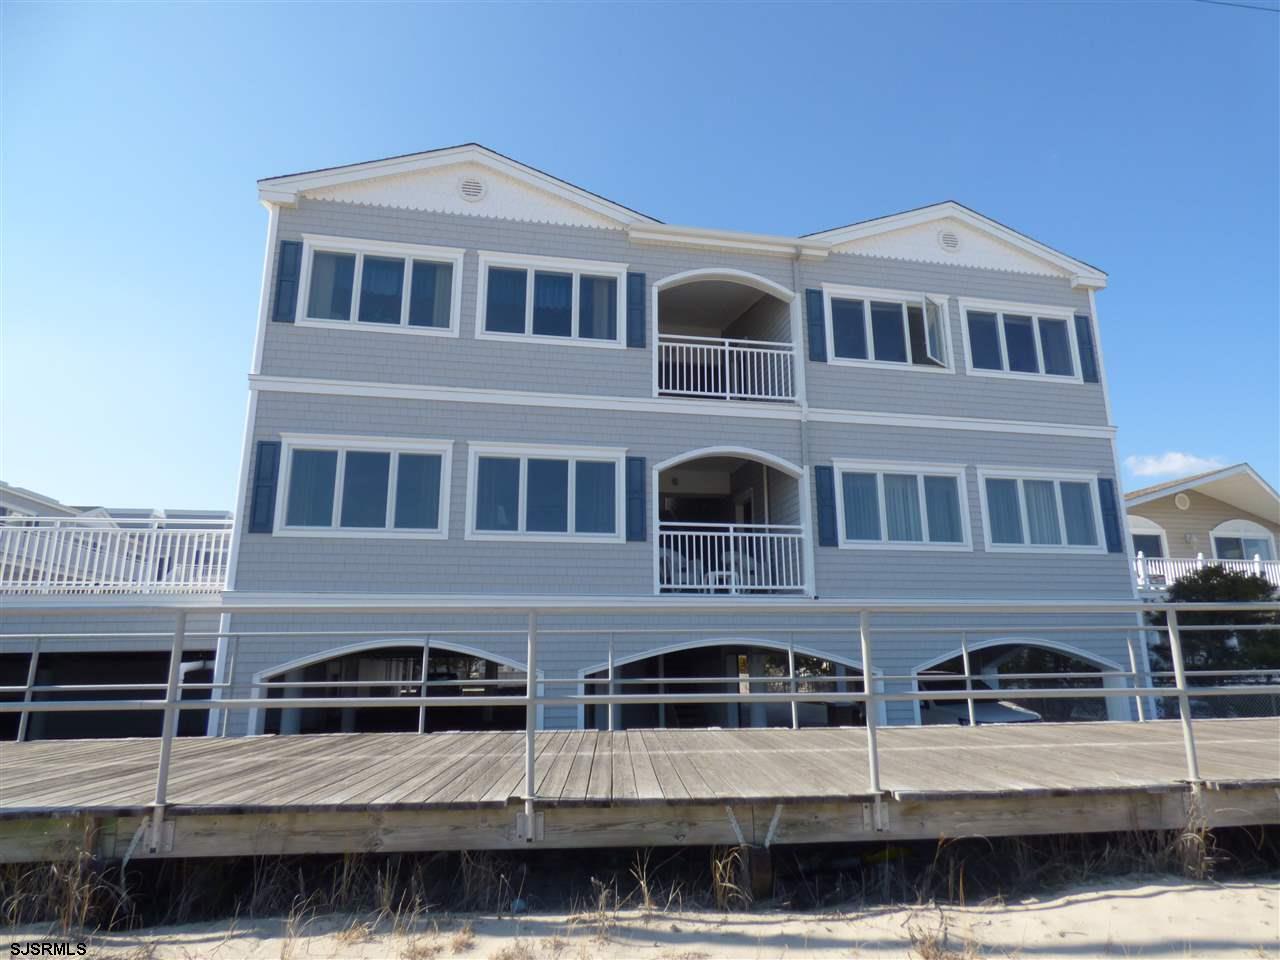 1670 Boardwalk, Unit 21